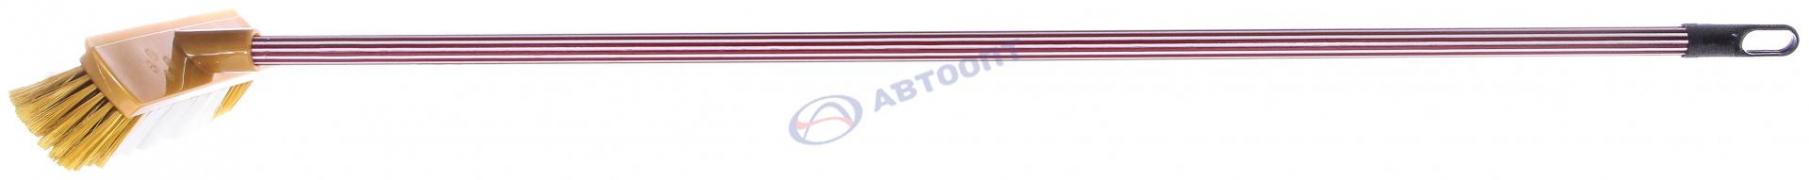 Щетка моечная мягкая с ручкой (Турция)